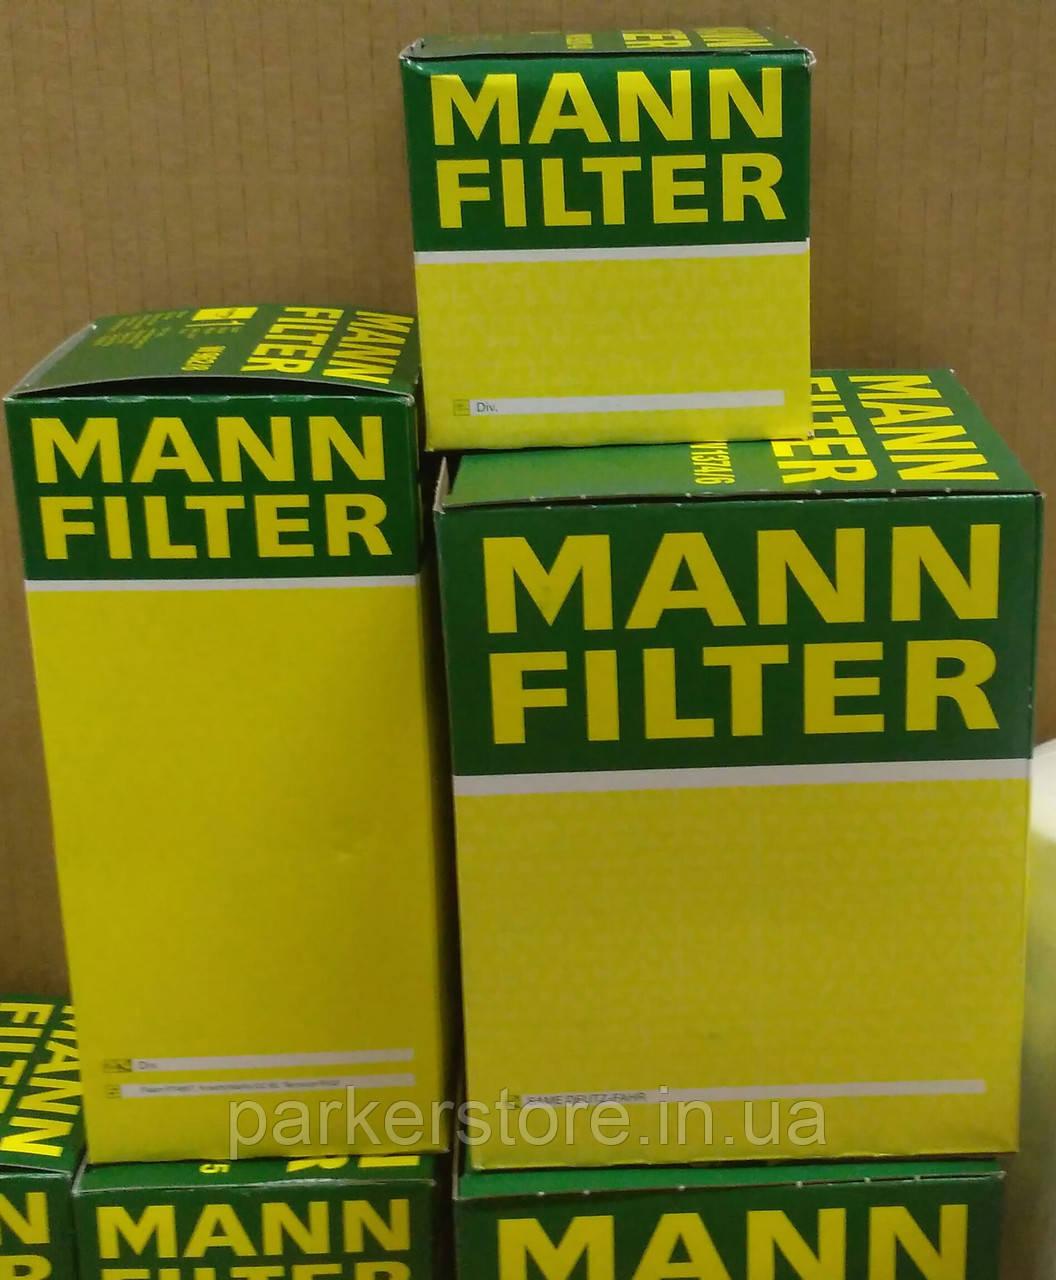 MANN FILTER / Воздушный фильтр / C 30 500 / C30500